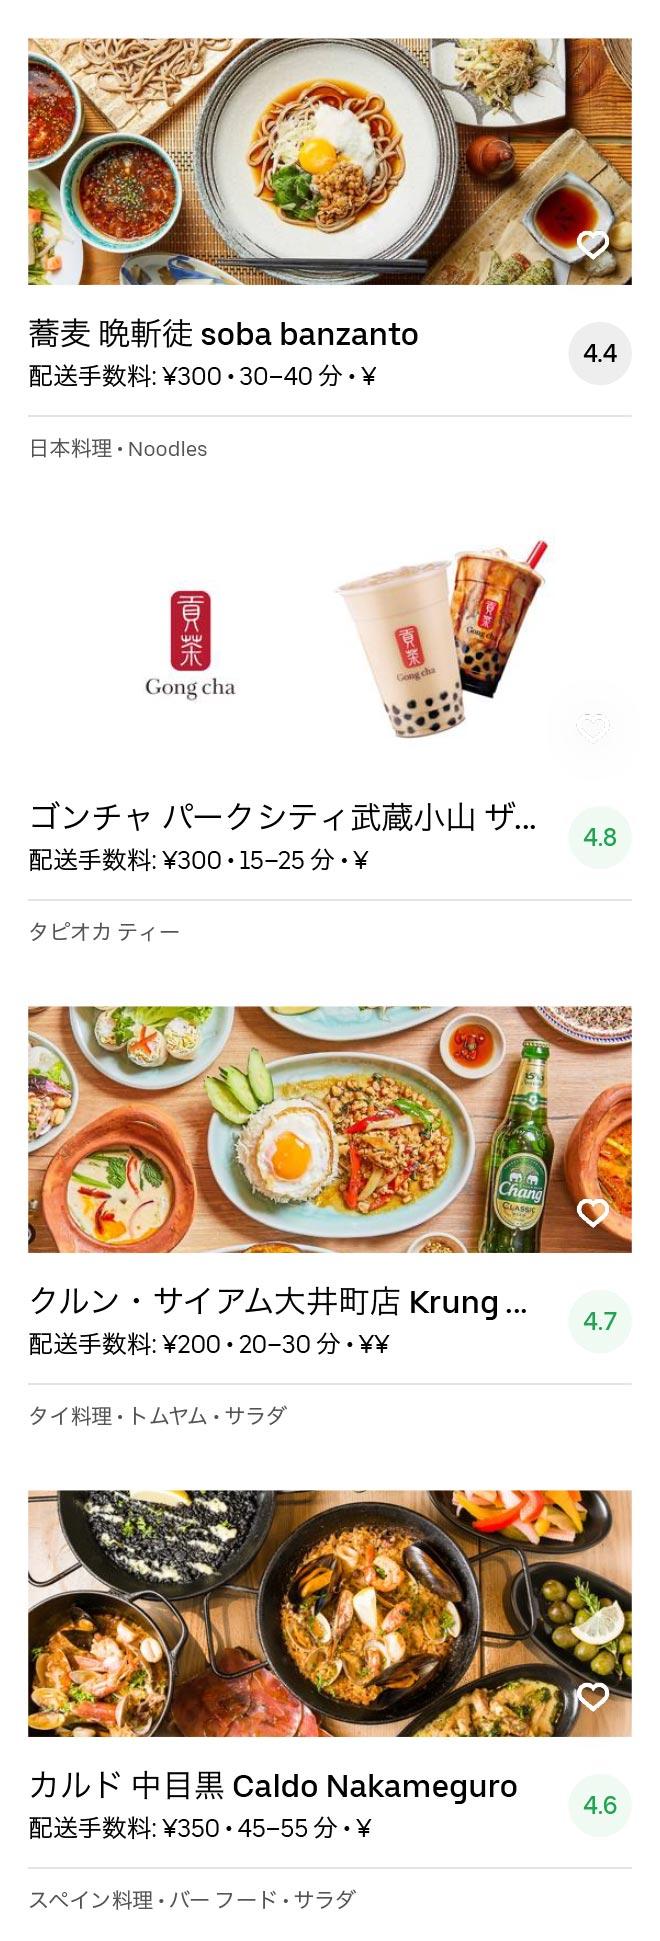 Tokyo osaki menu 2005 03